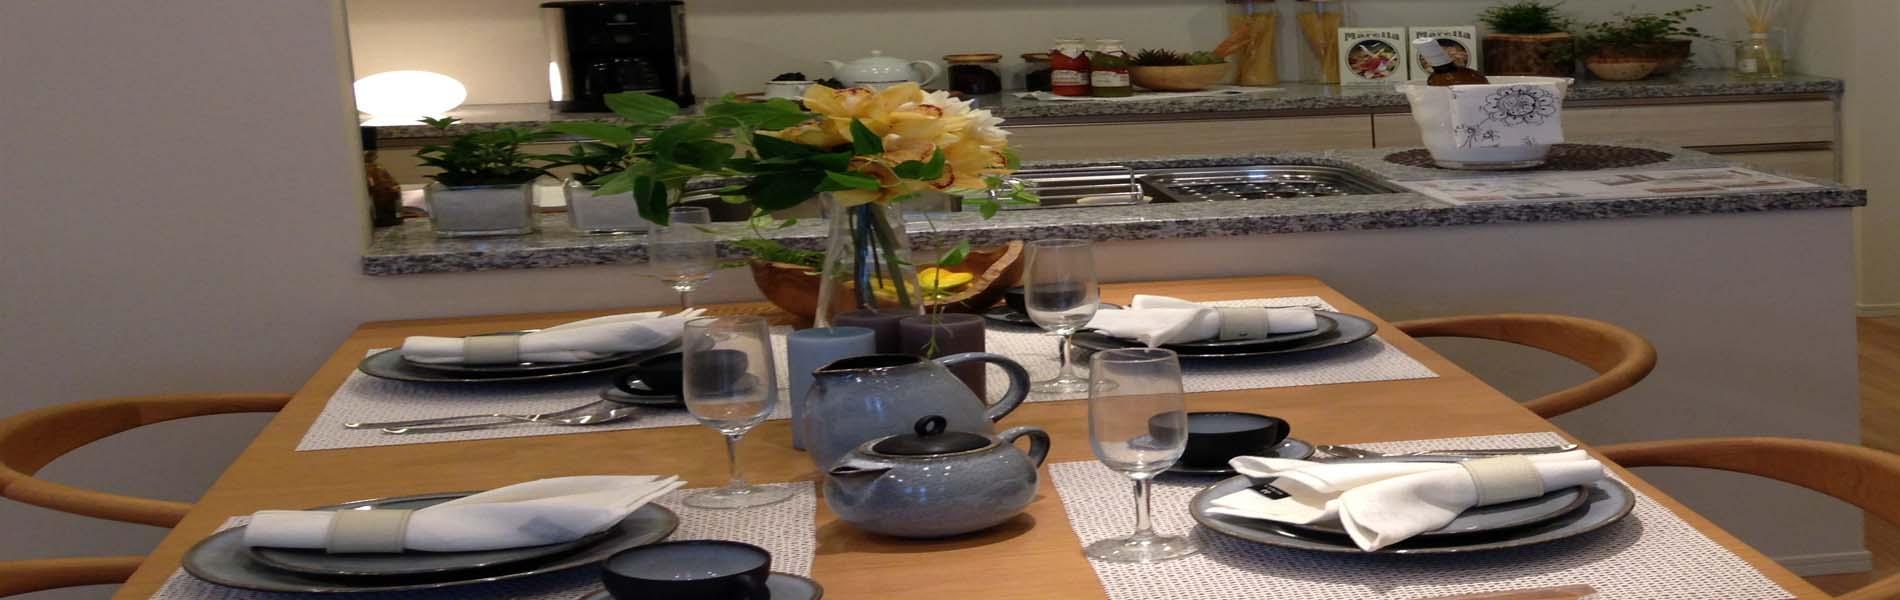 シェアハウス株式会社新宿区イメージ2